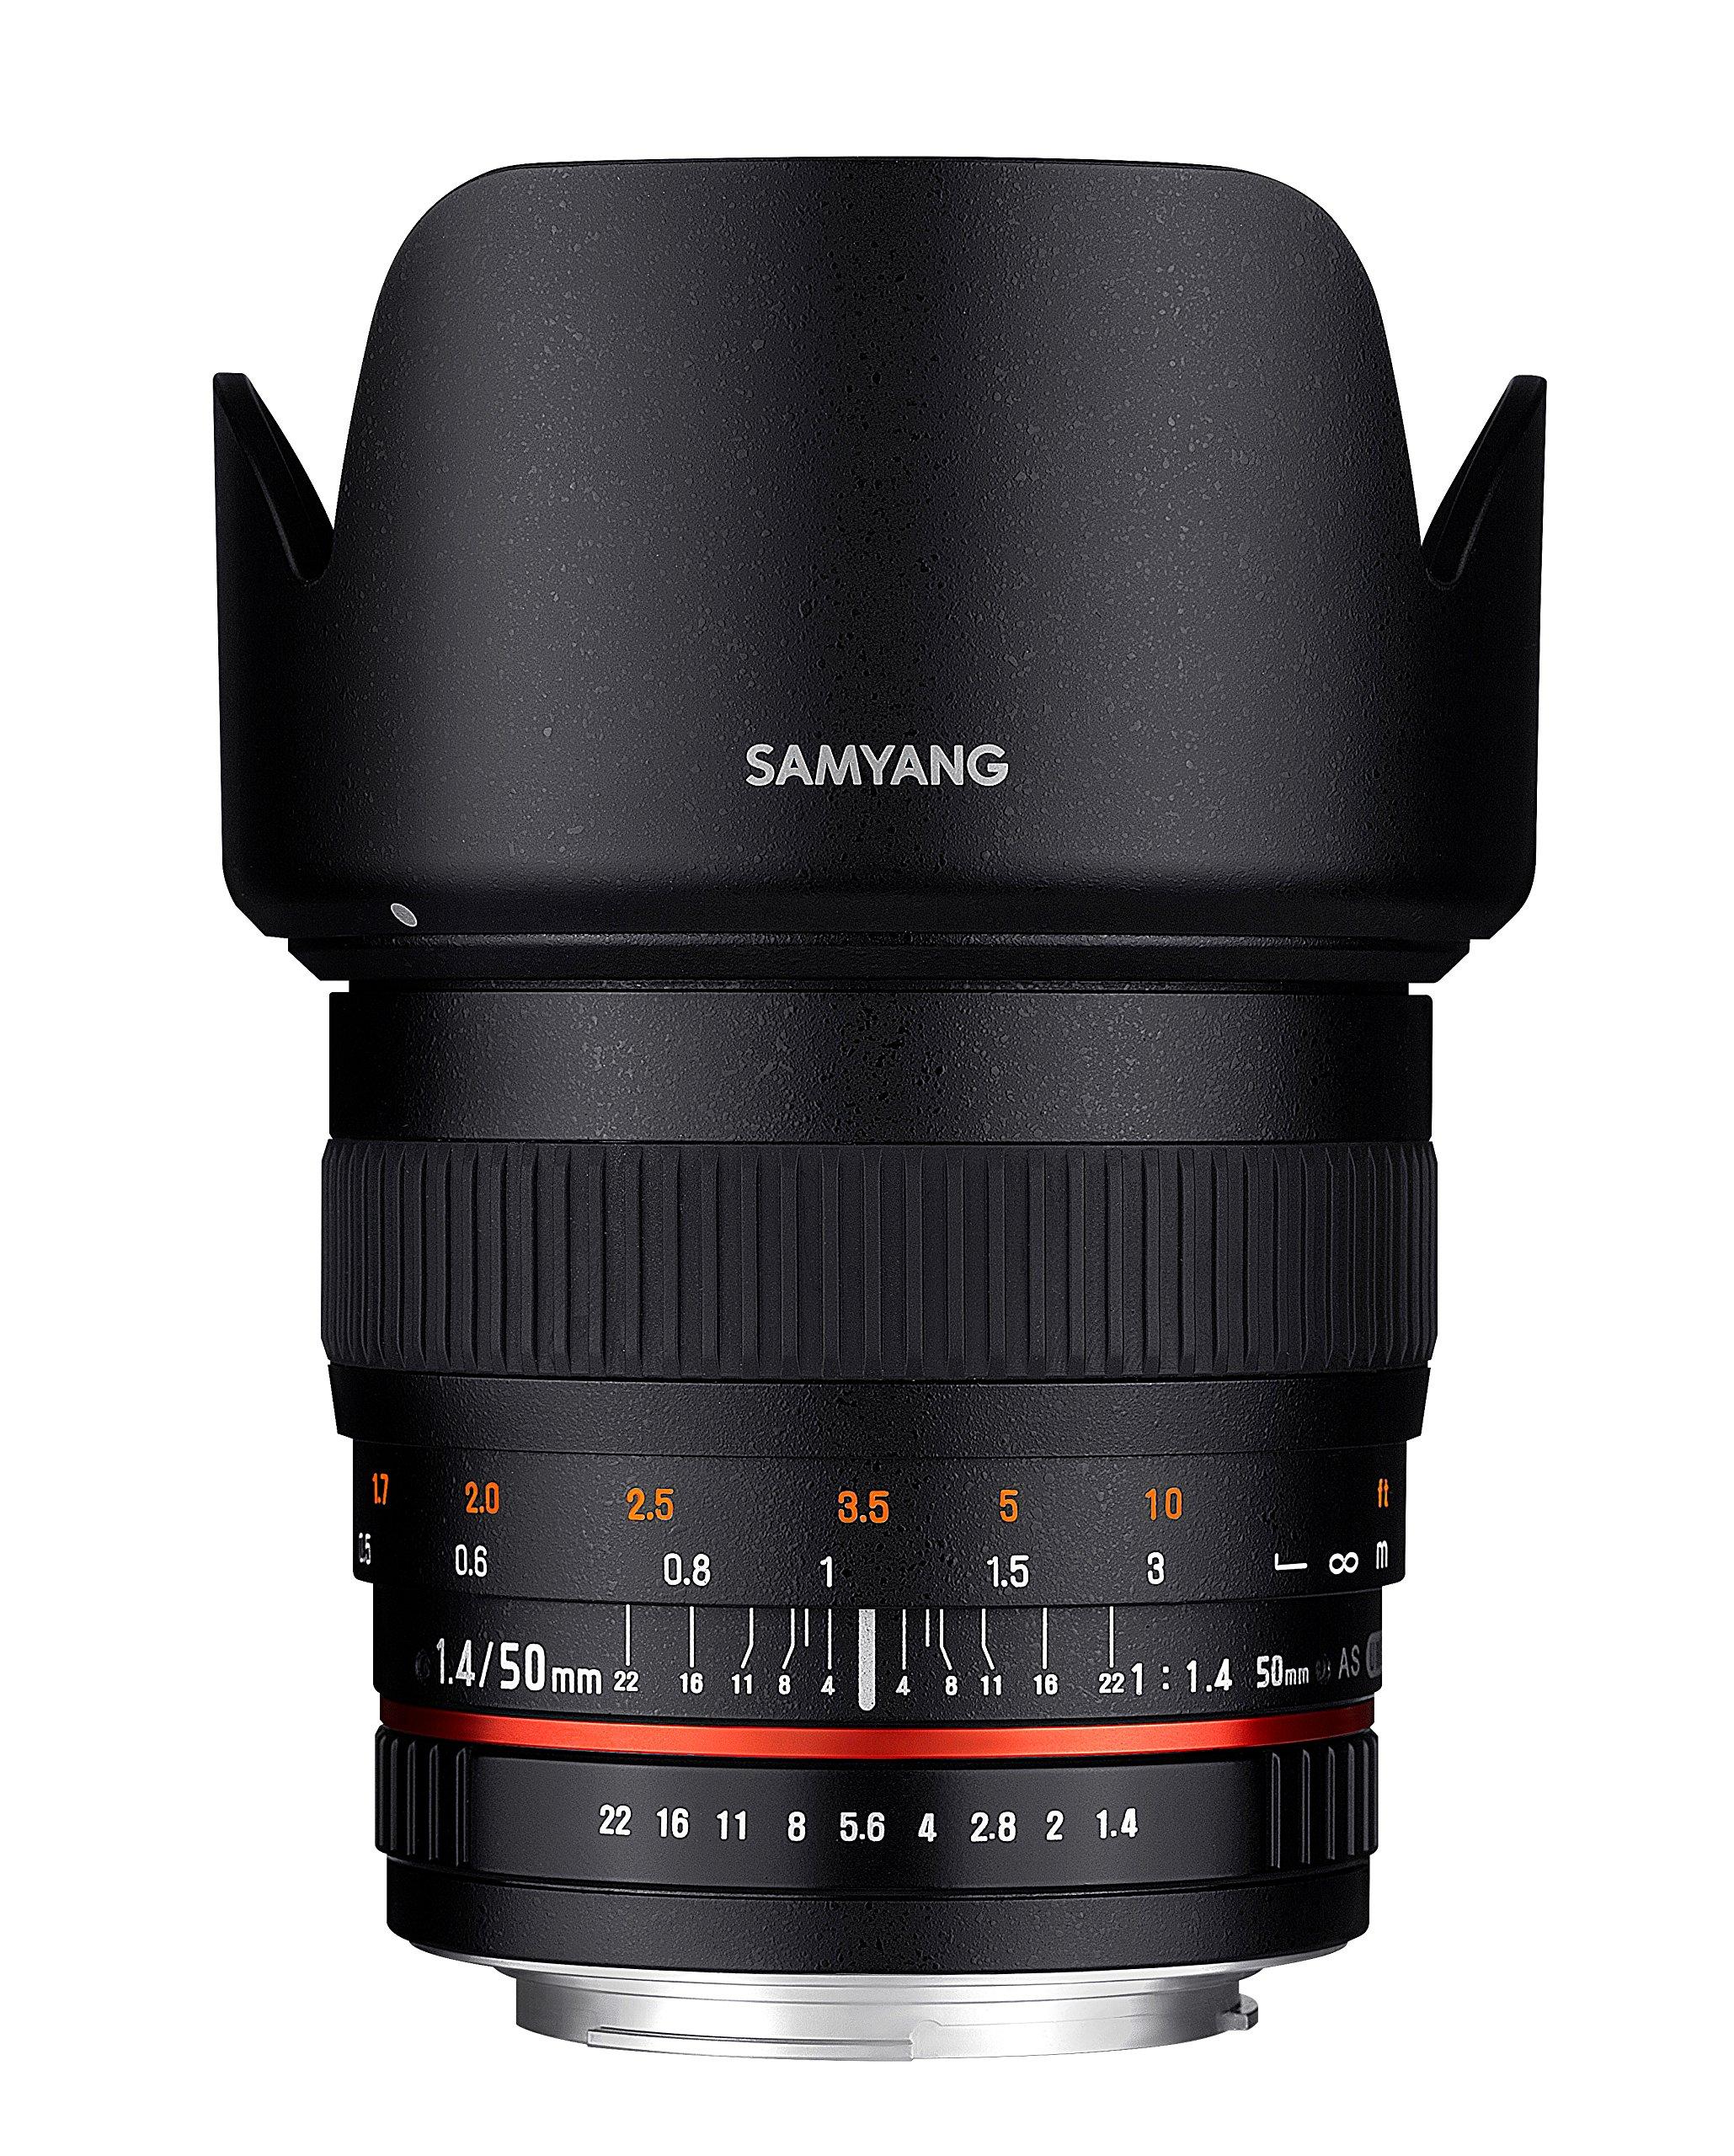 Samyang 50mm F1.4 AS UMC SLR Standard lens Nero